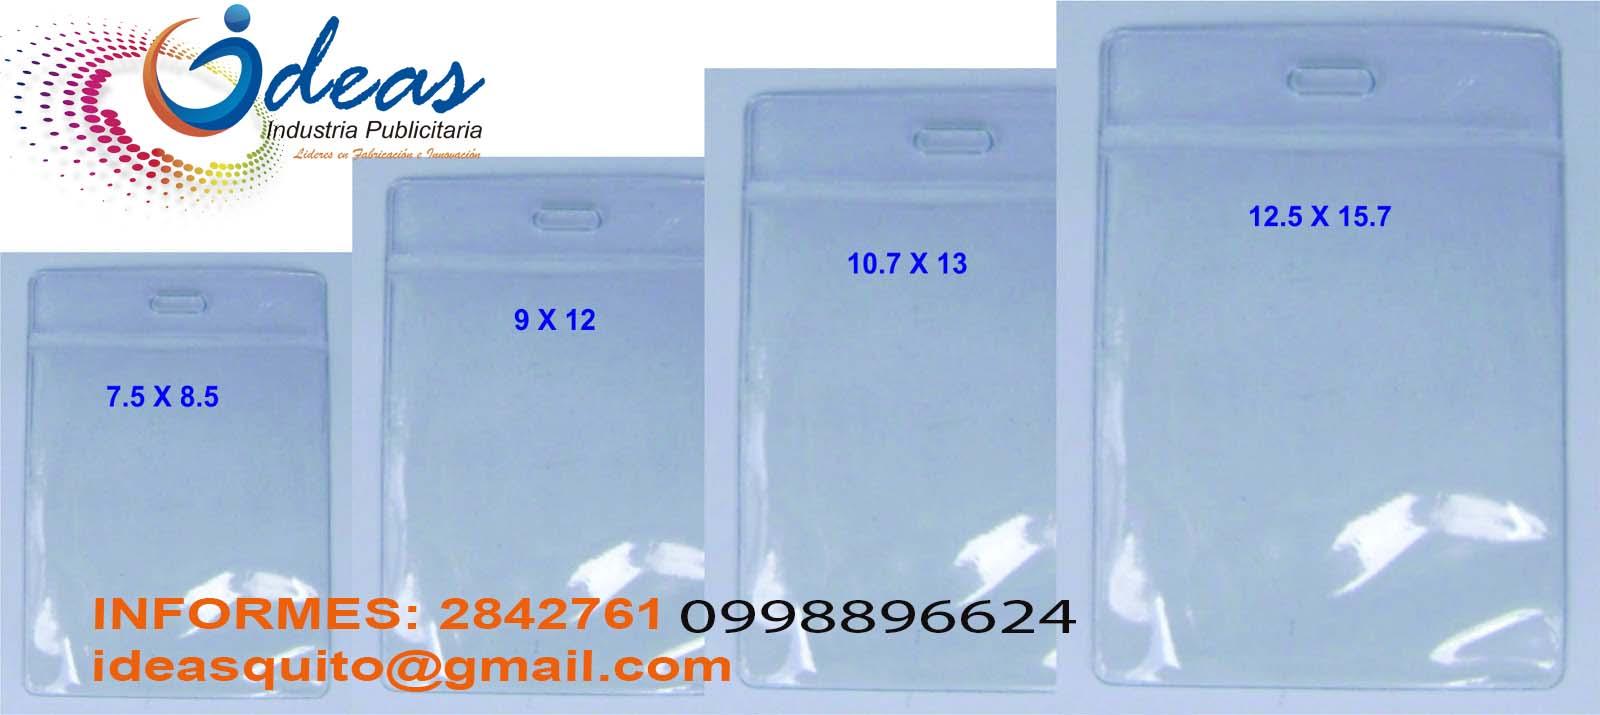 credenciales plasticas 15-09-20